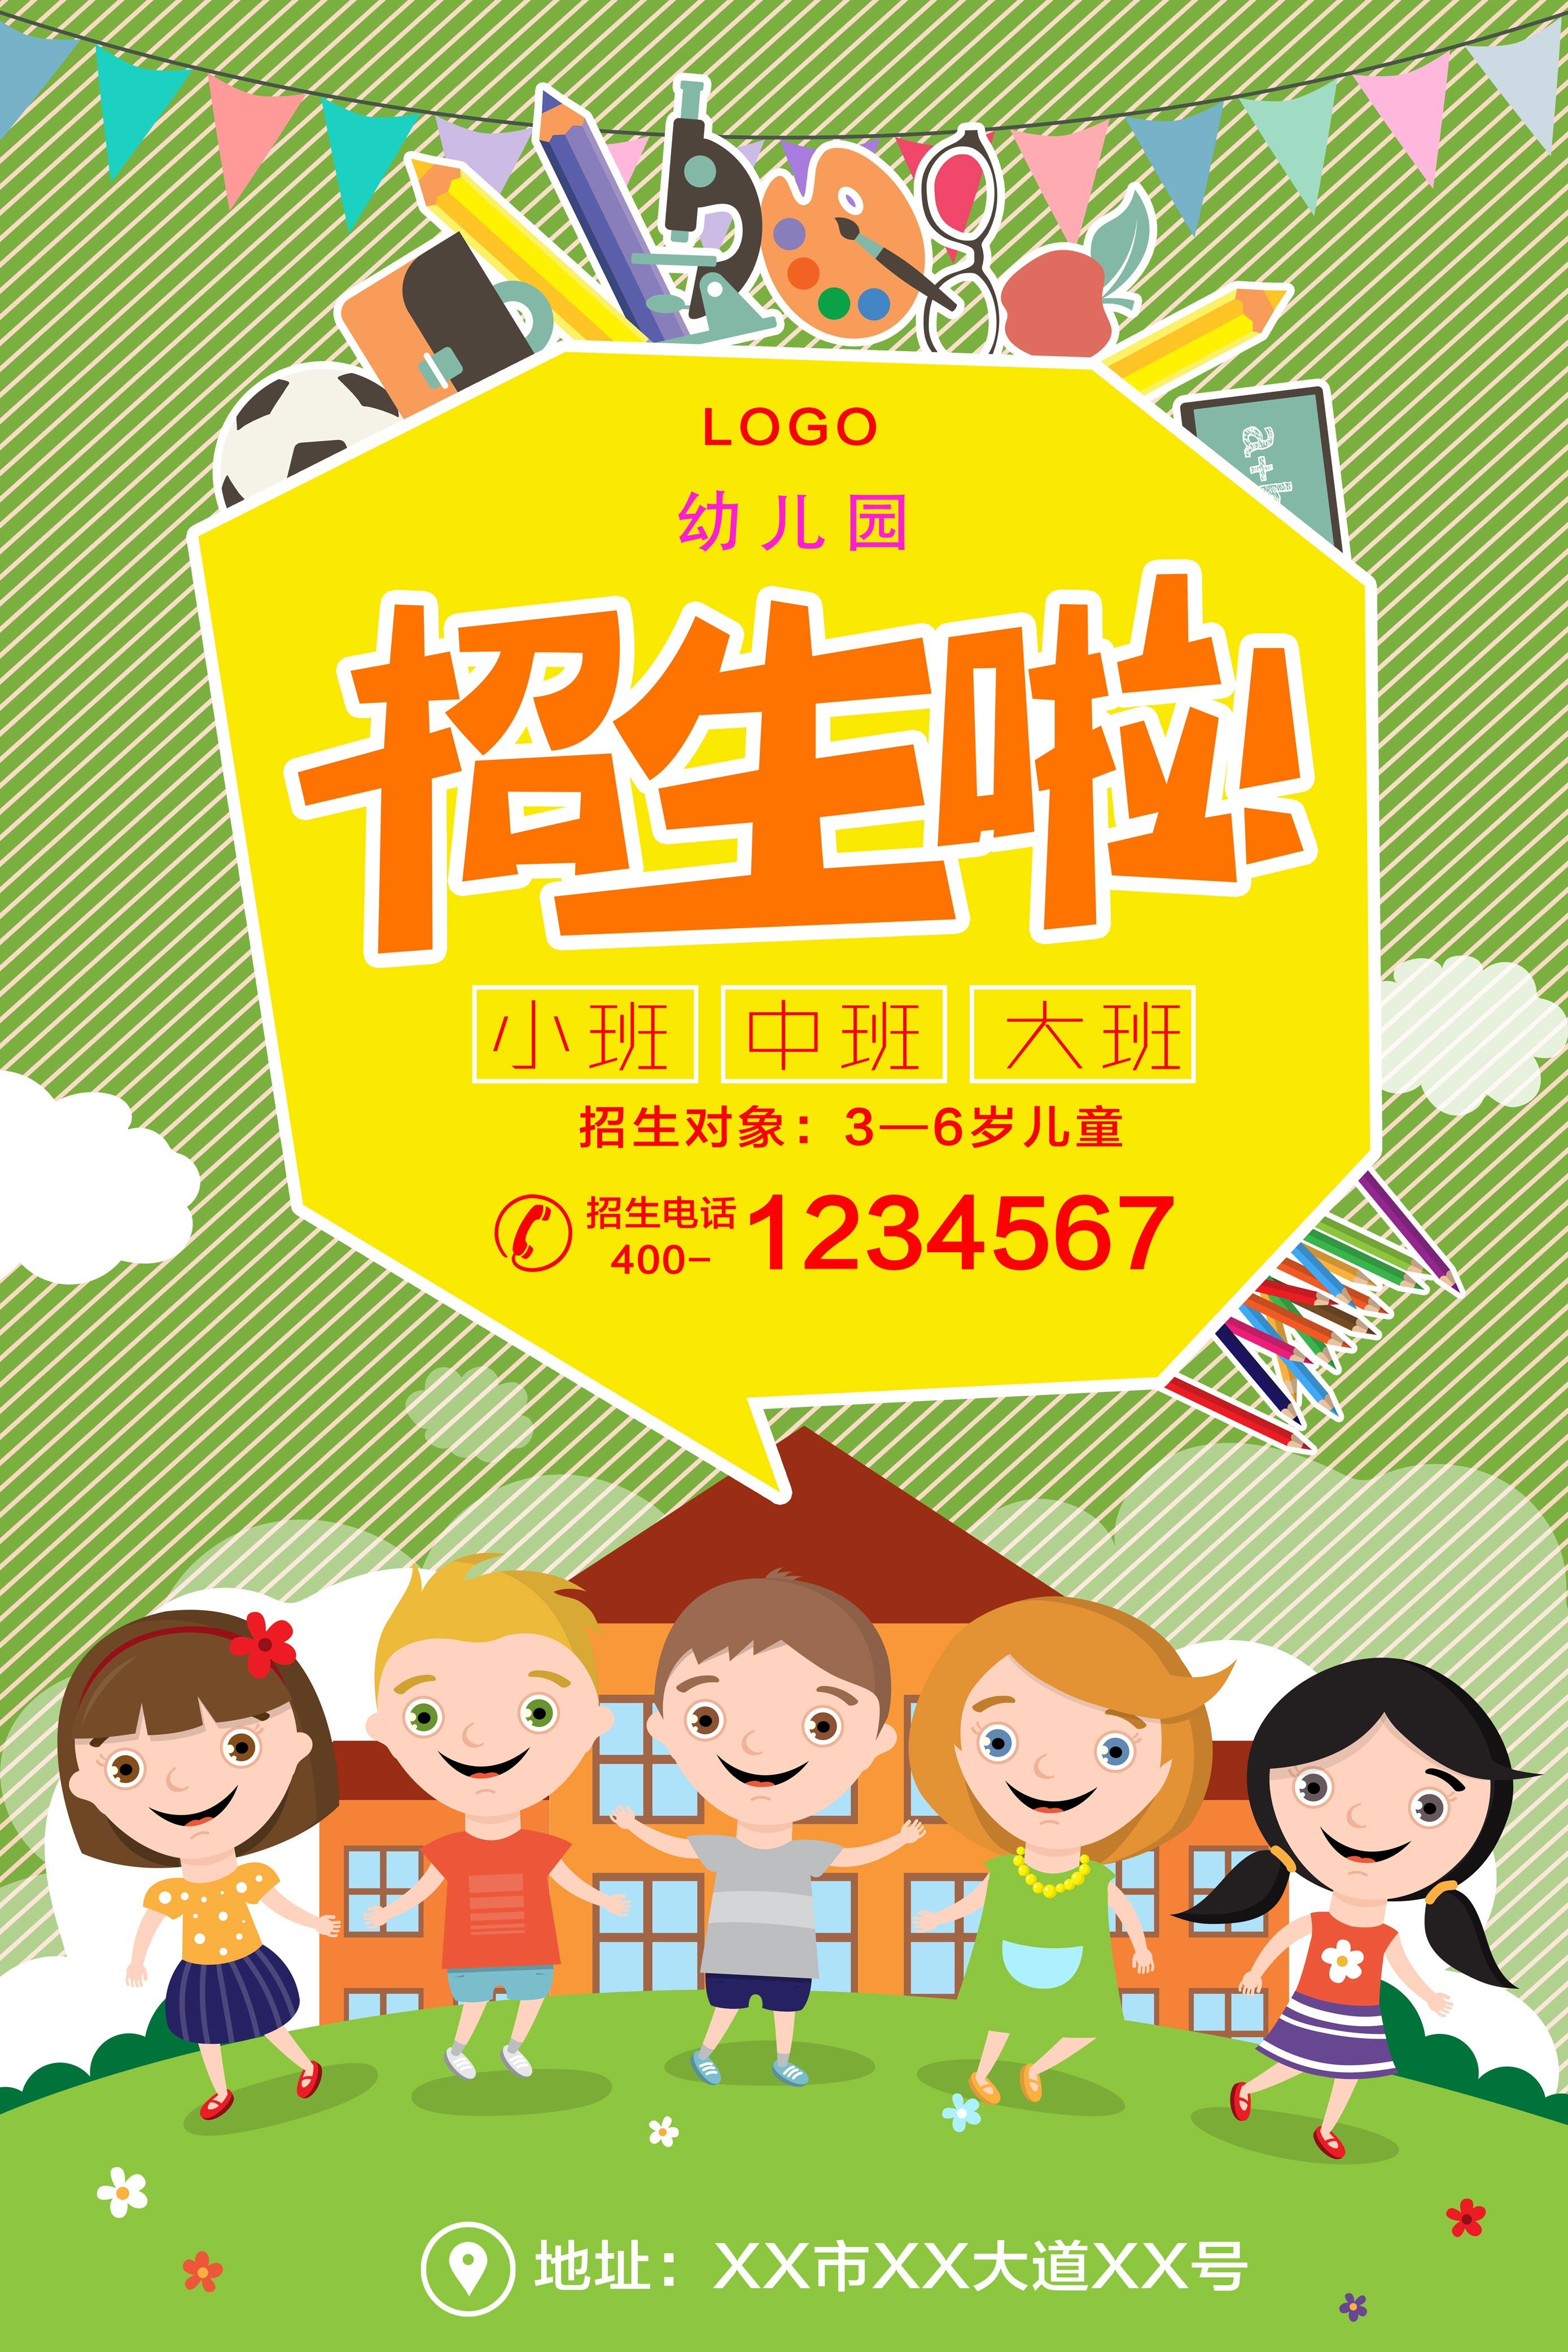 趣味动感的幼儿园招生海报广告设计